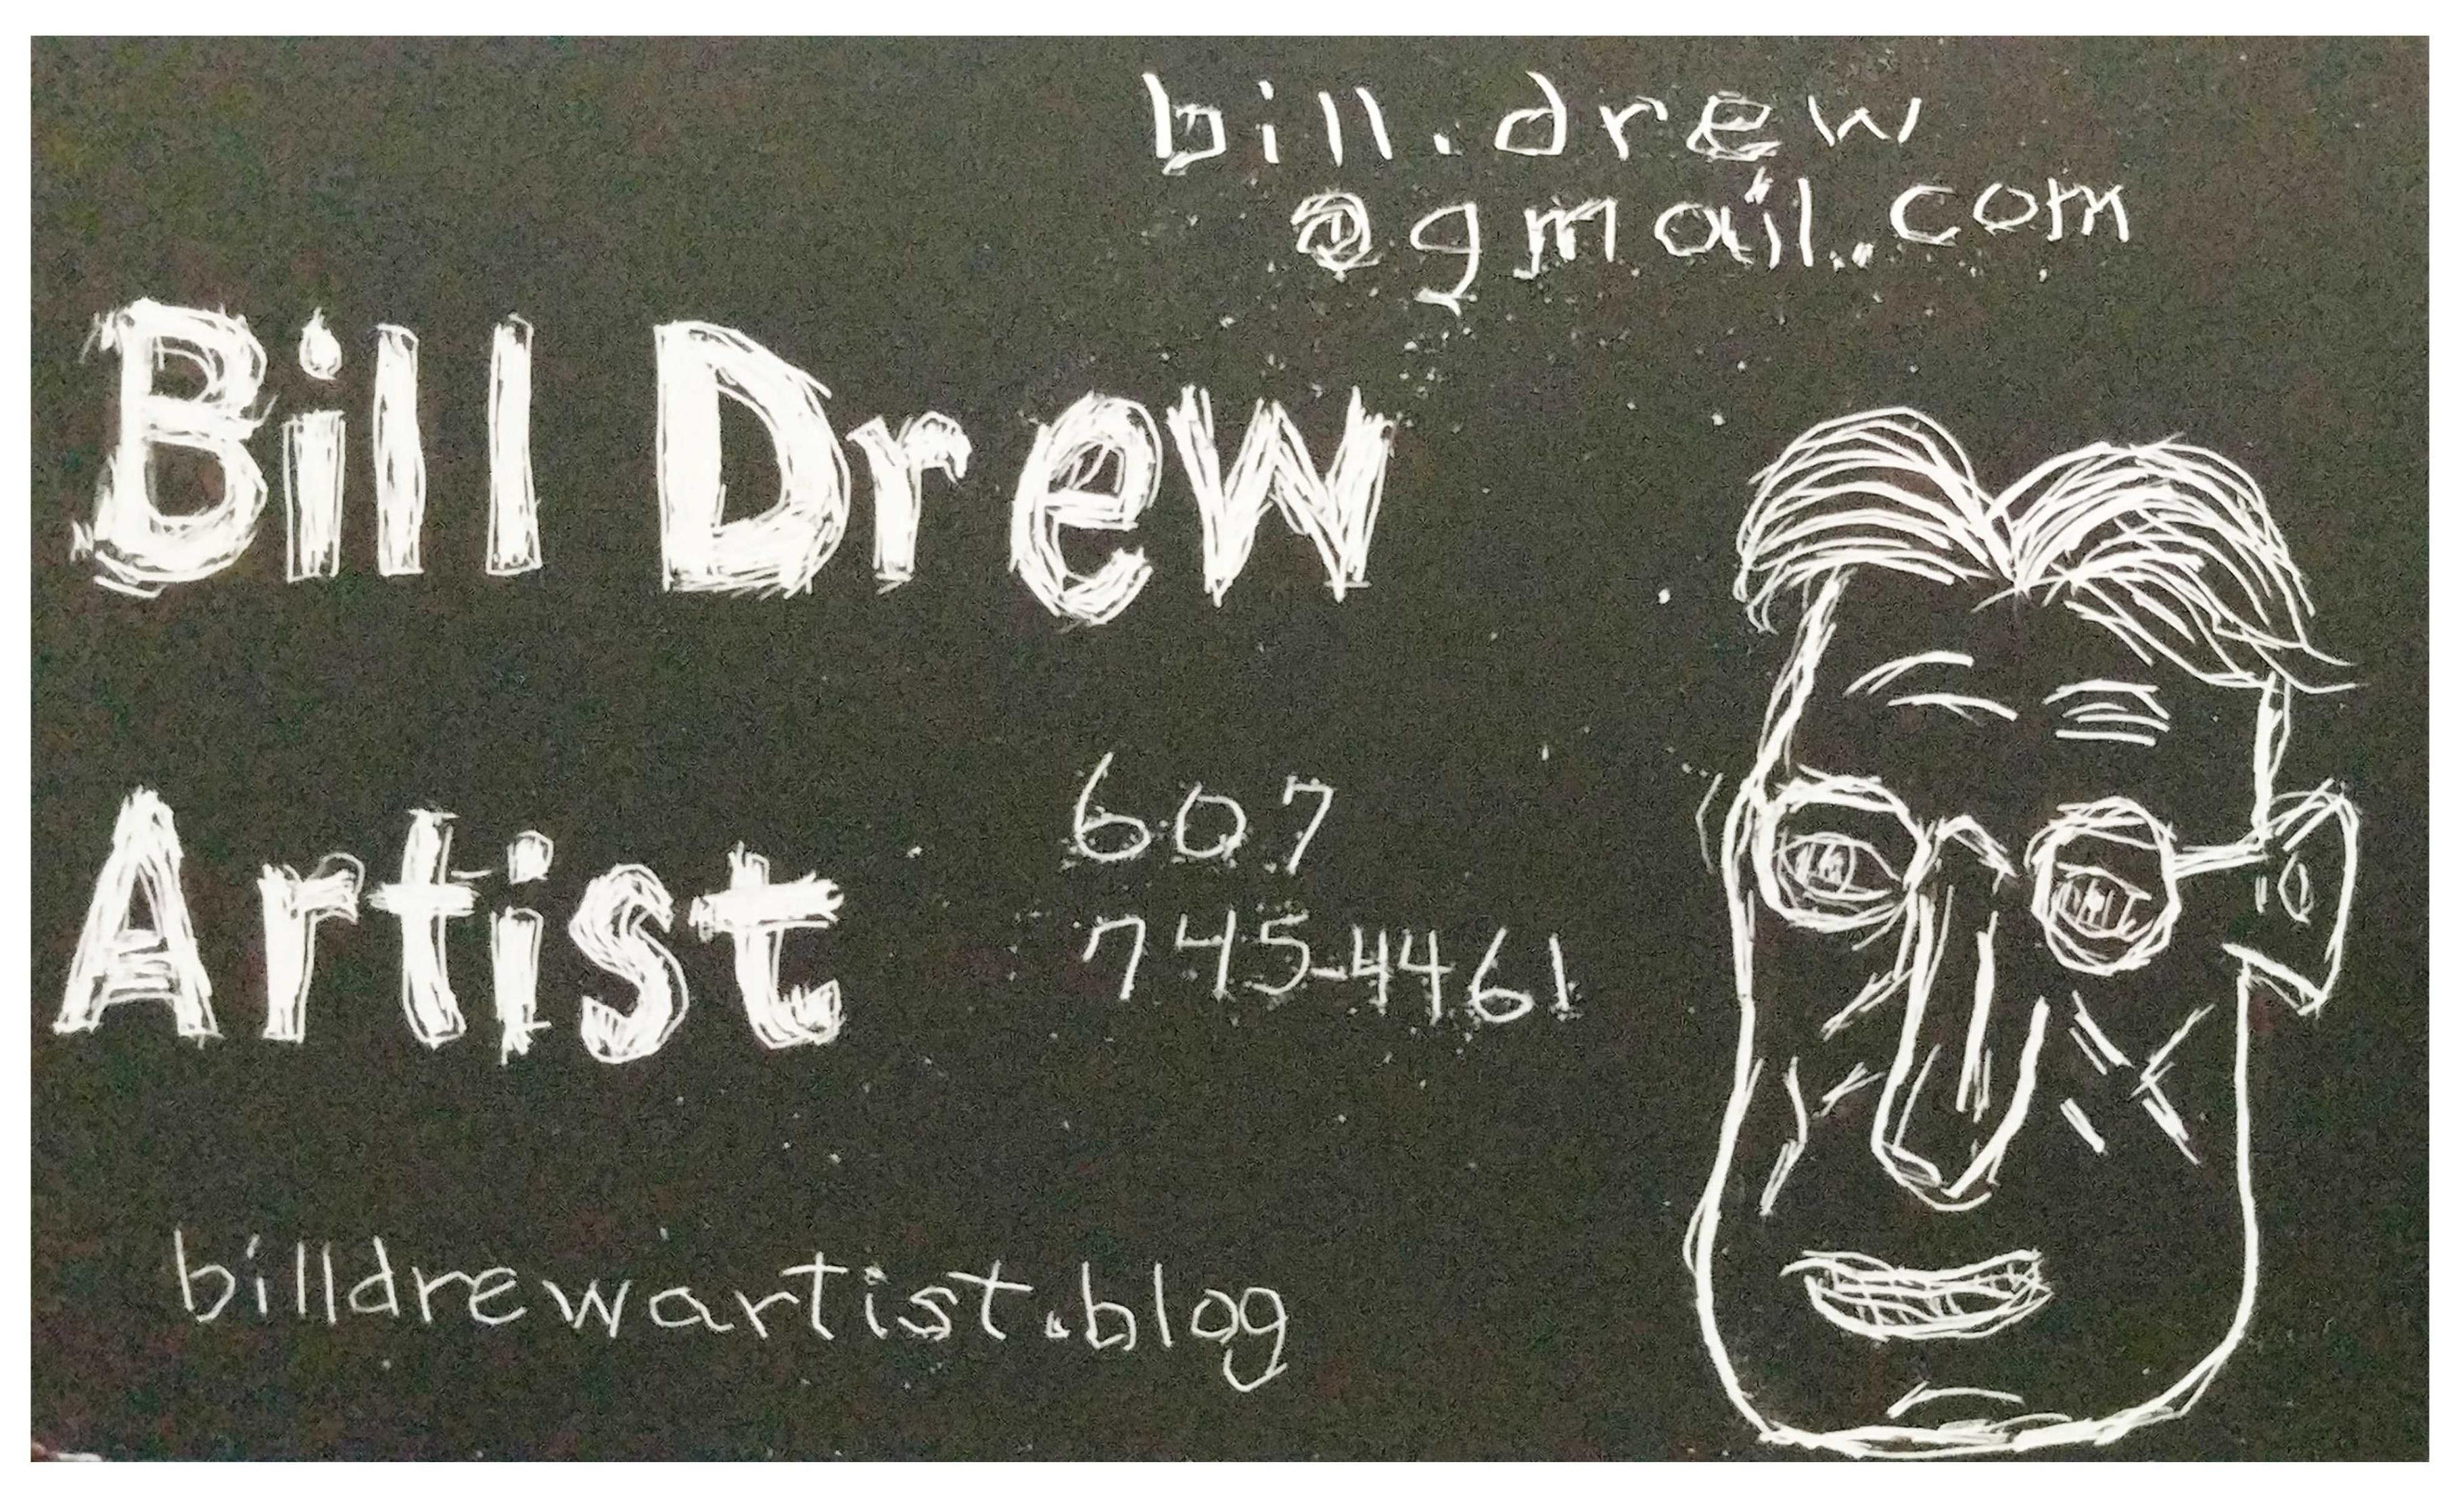 Bill Drew